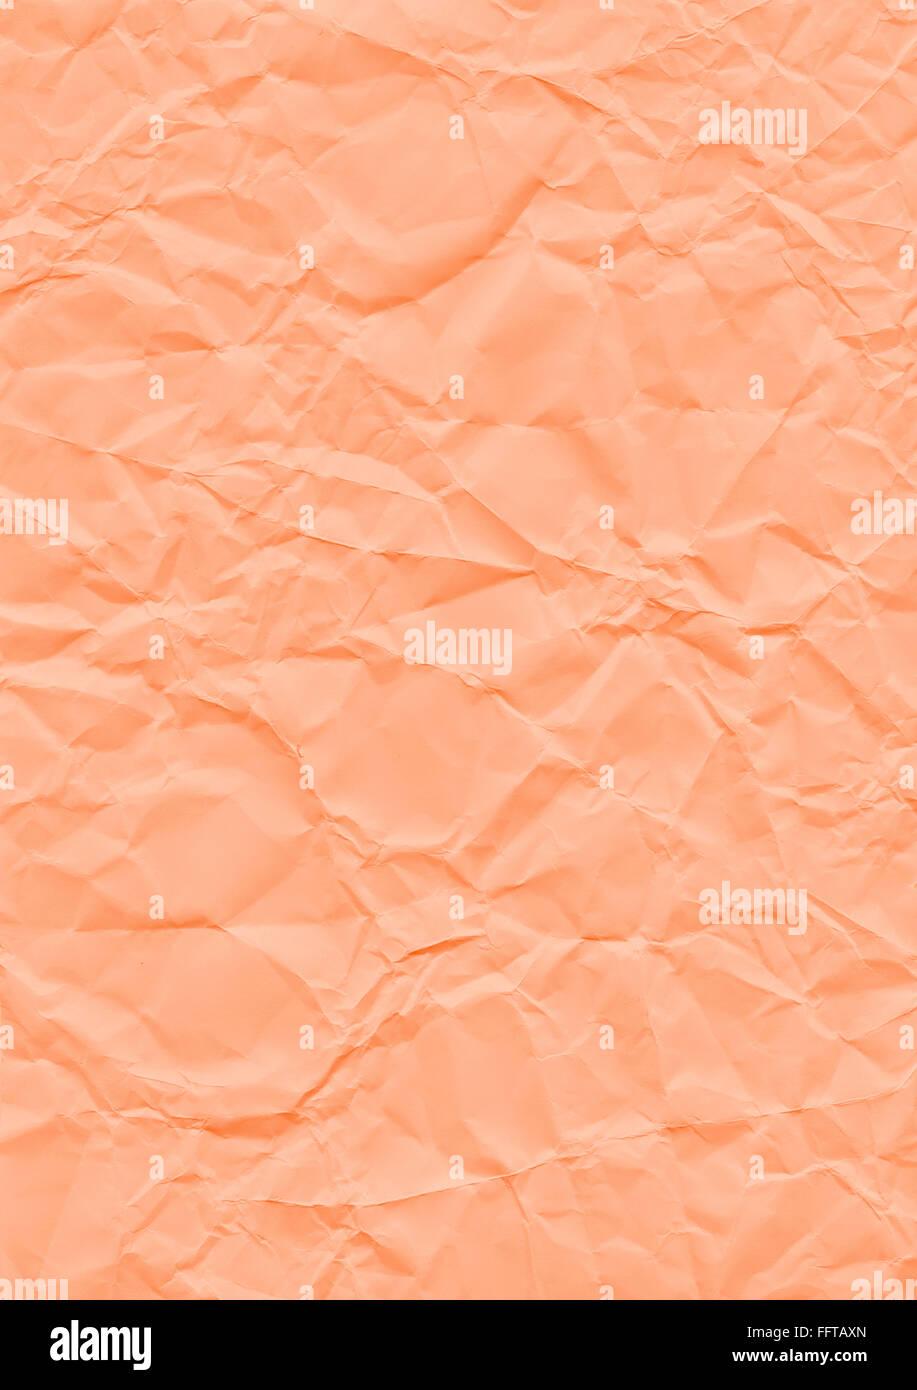 Strickerin Hintergrund orange Papier Geknickt Knicke Knicken Zerknittert Knautsch Zerknautscht kaputt Gefaltet Falten Stockbild